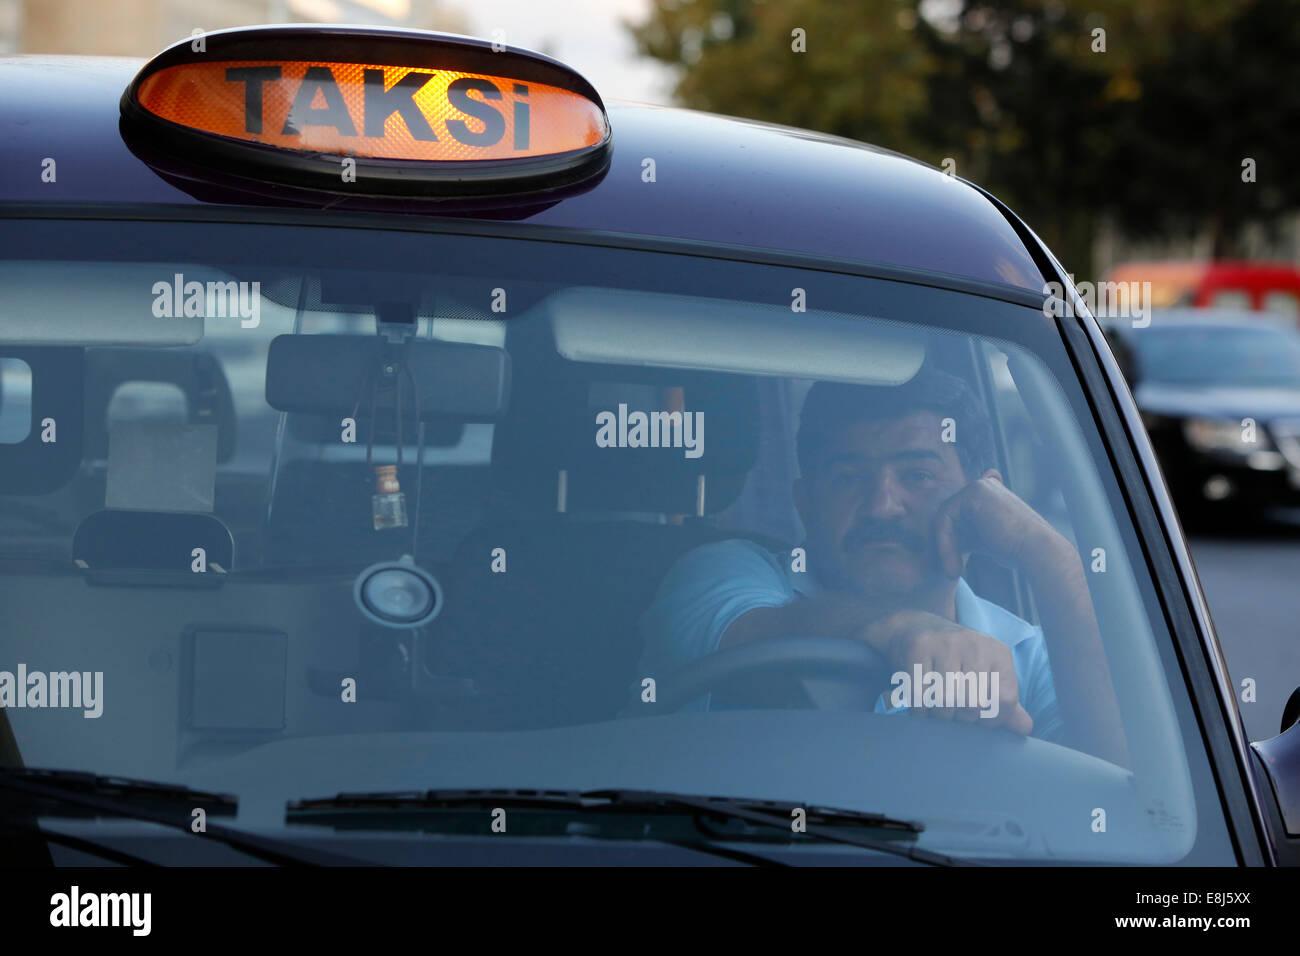 Baku taxi - Stock Image